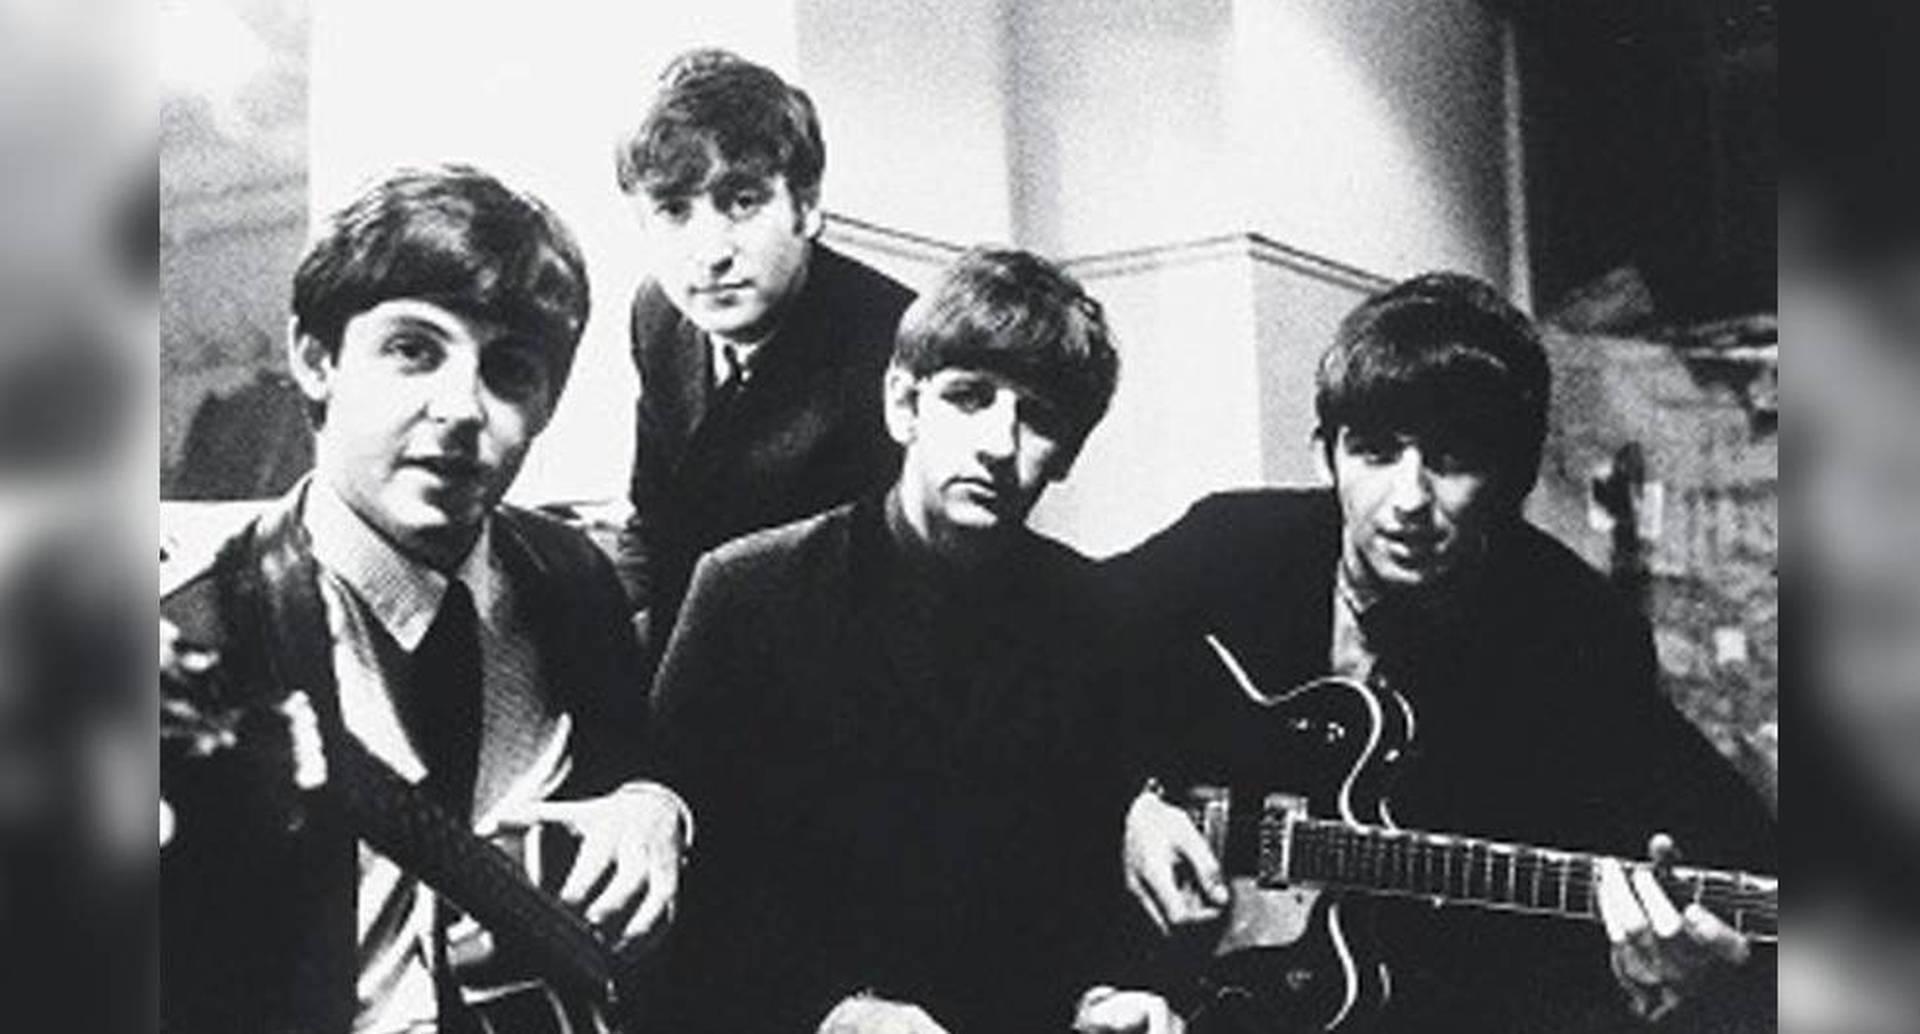 Paul McCartney, George Harrison, Ringo Starr y John Lennon se separaron en abril de 1970, luego de una década bastante exitosa.